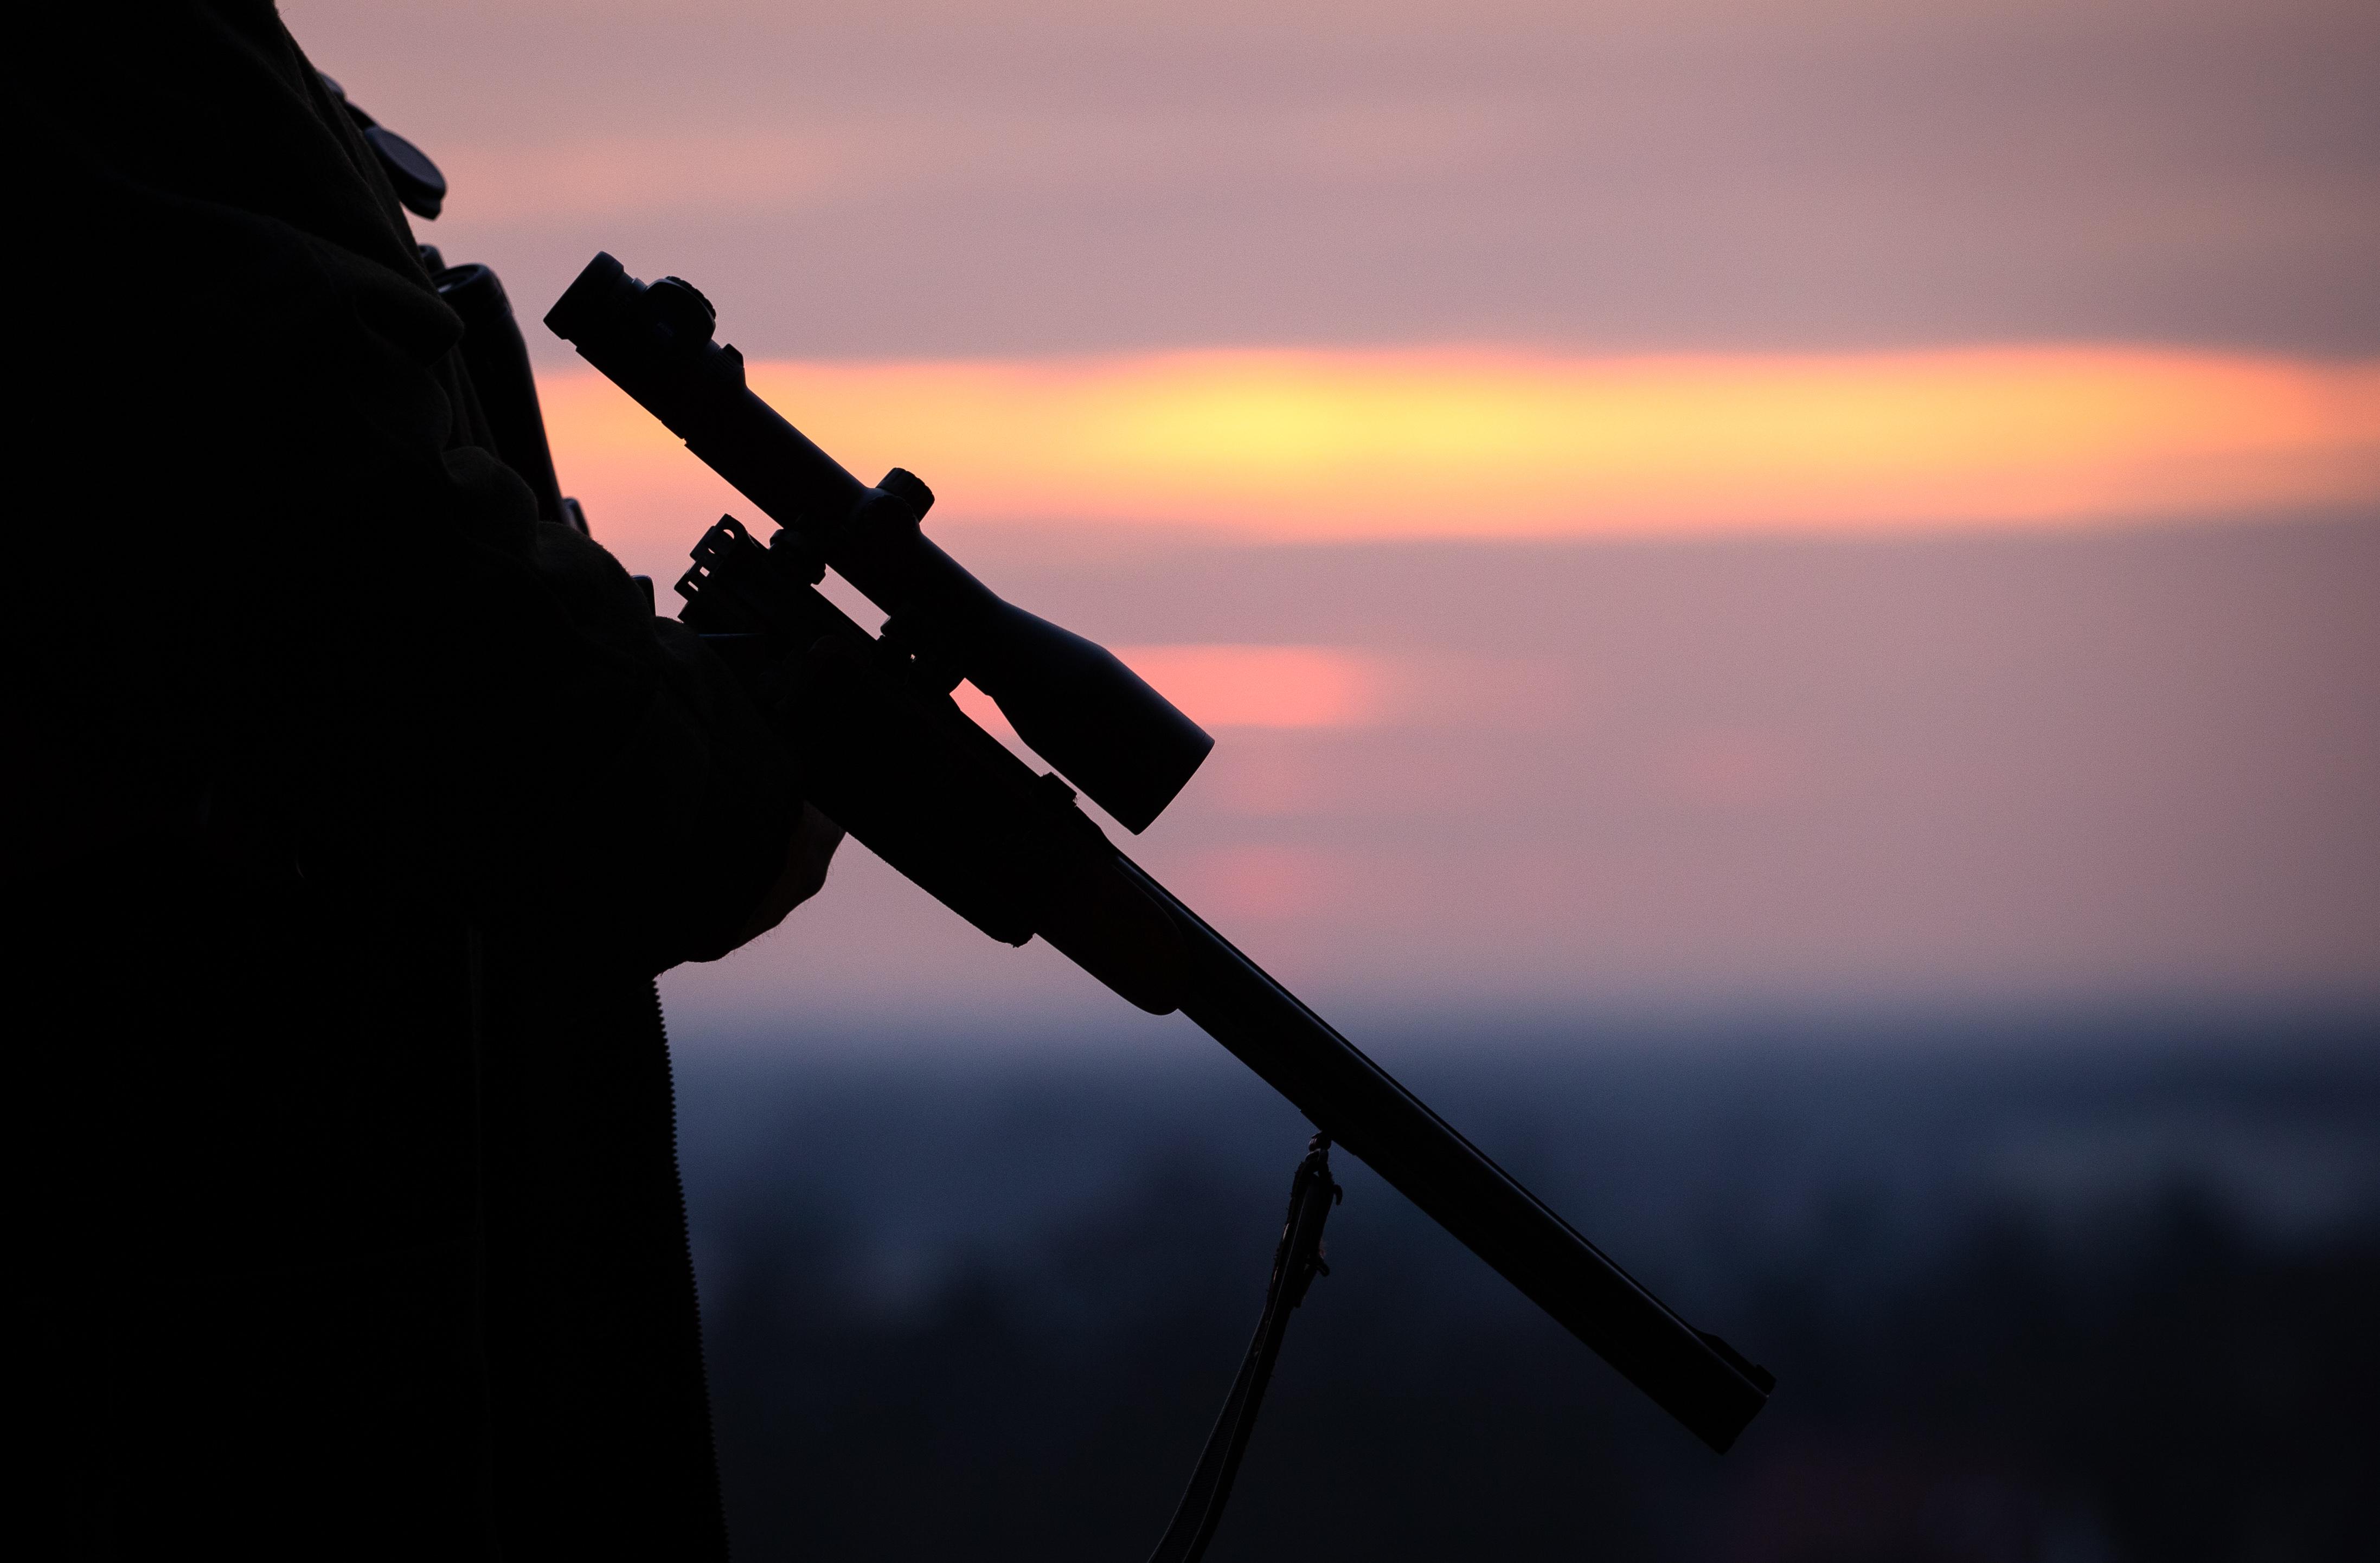 A migránsok által elijesztett vadakért aggódnak a vadászok Csongrádban